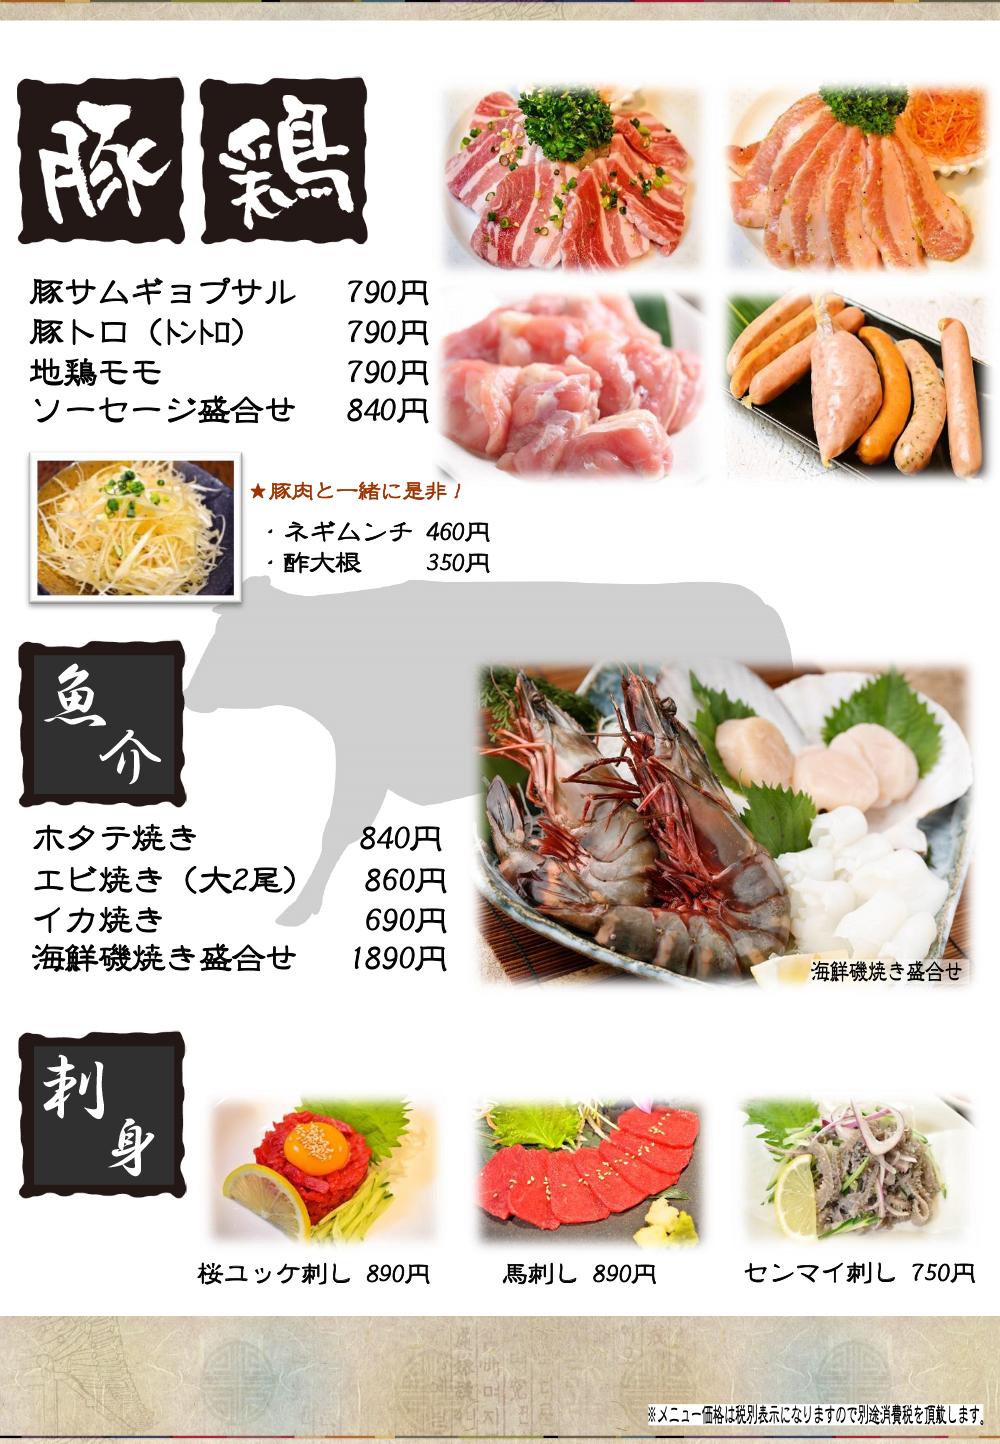 浦安店 焼き物メニュー5